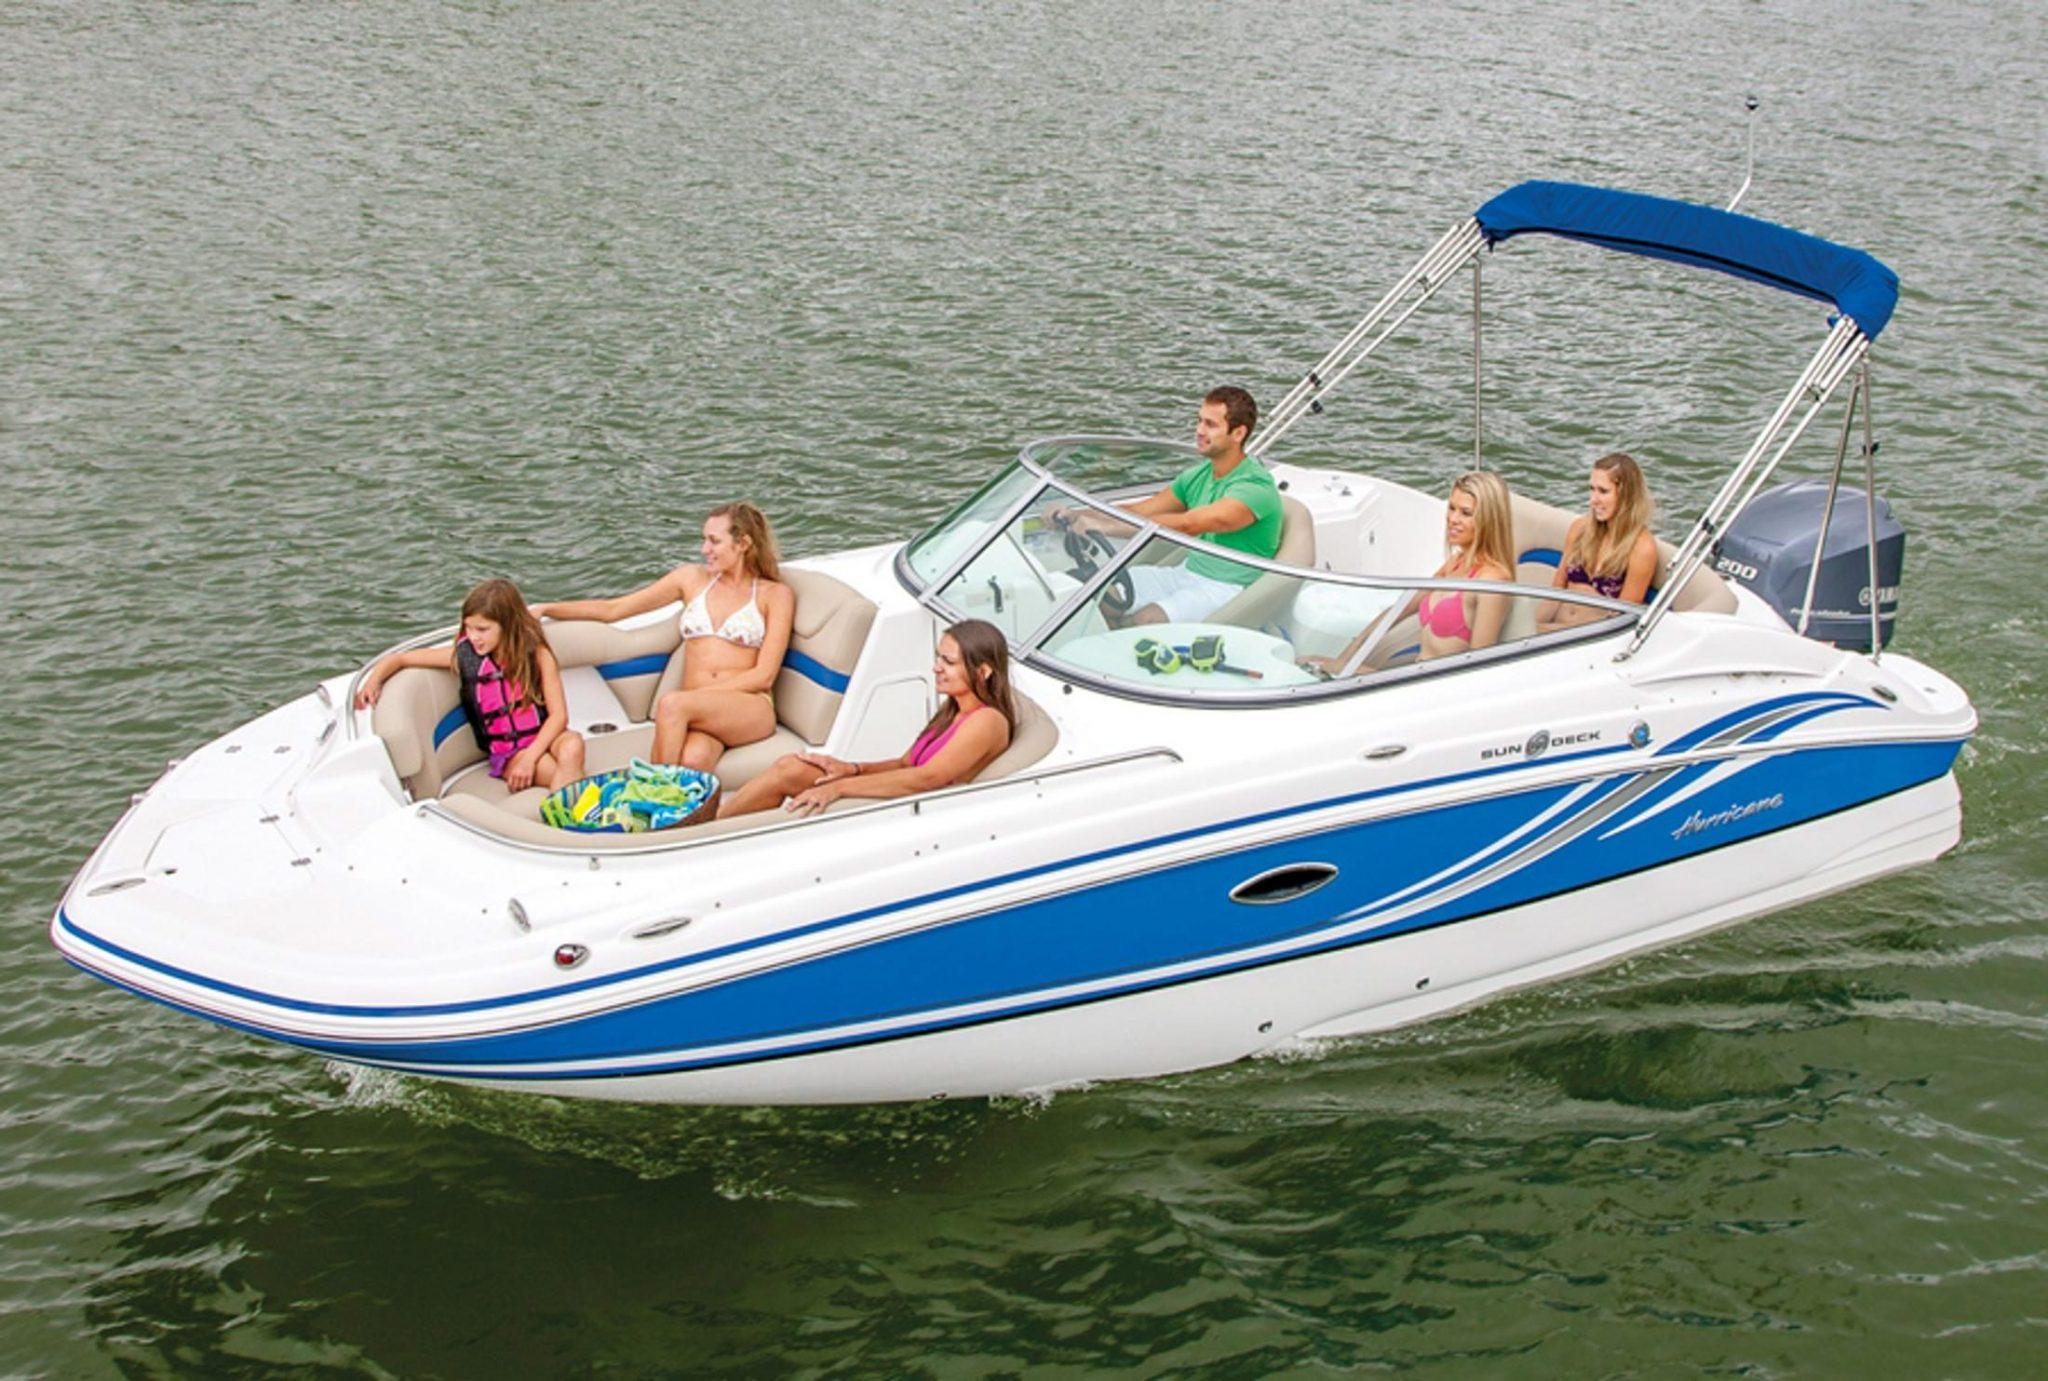 Paradise Boat Rentals